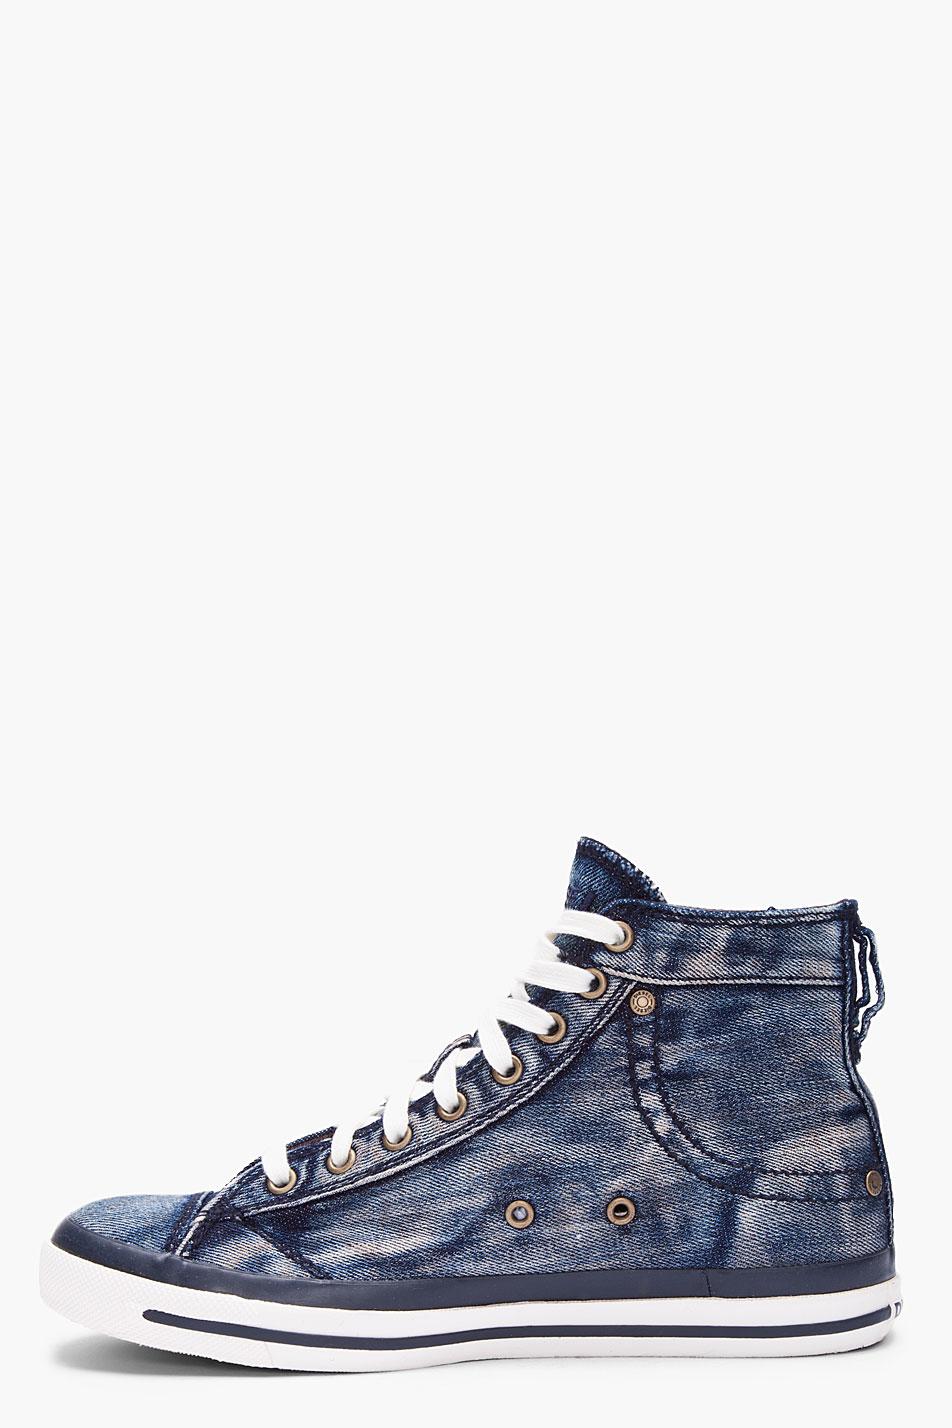 Diesel Washed Denim Exposure Sneakers In Blue For Men Lyst